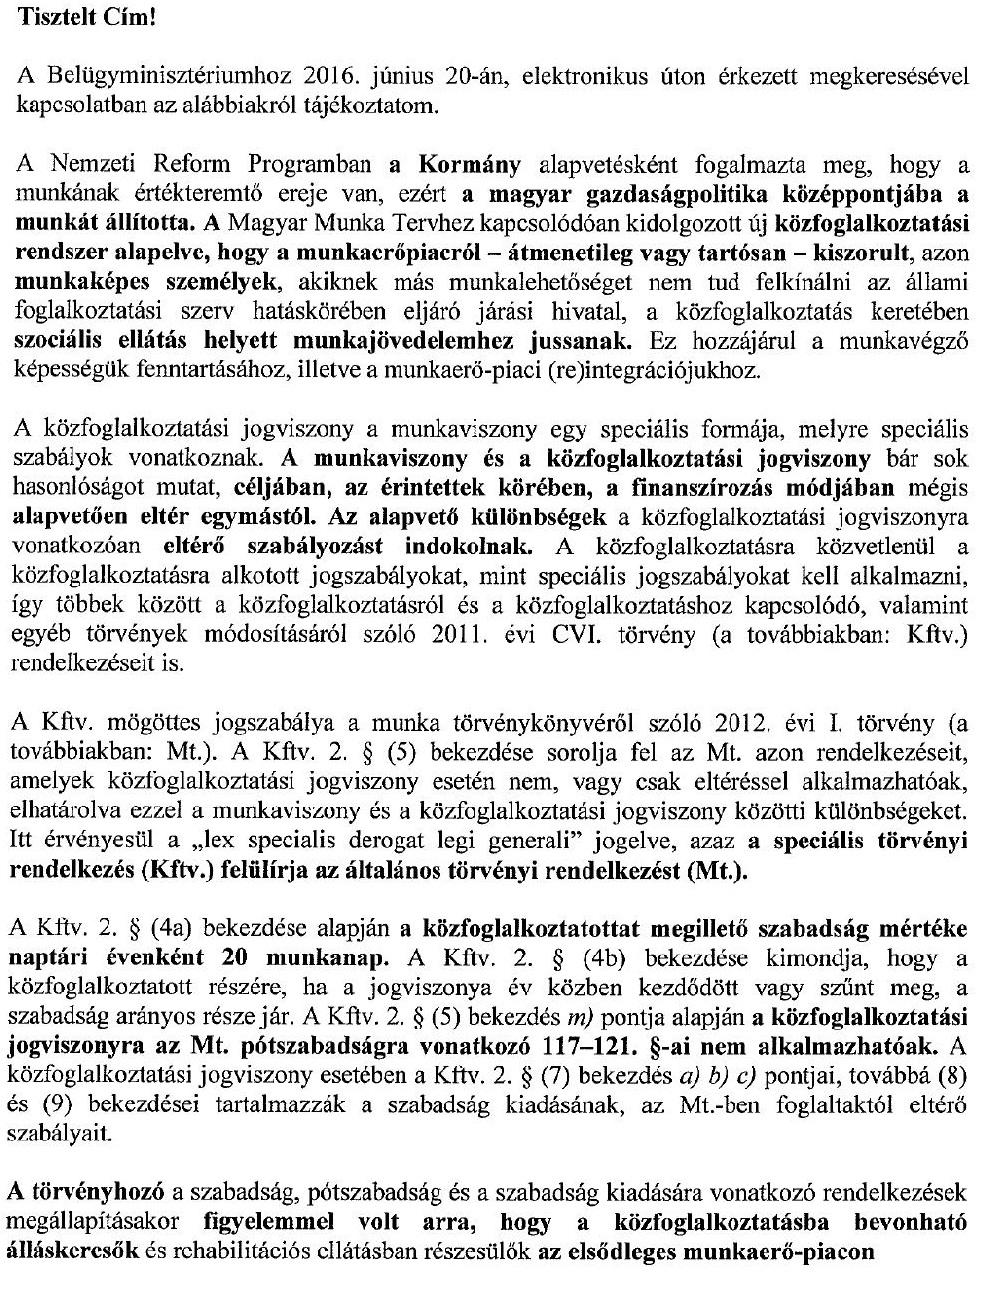 dok3-page-001_1.jpg